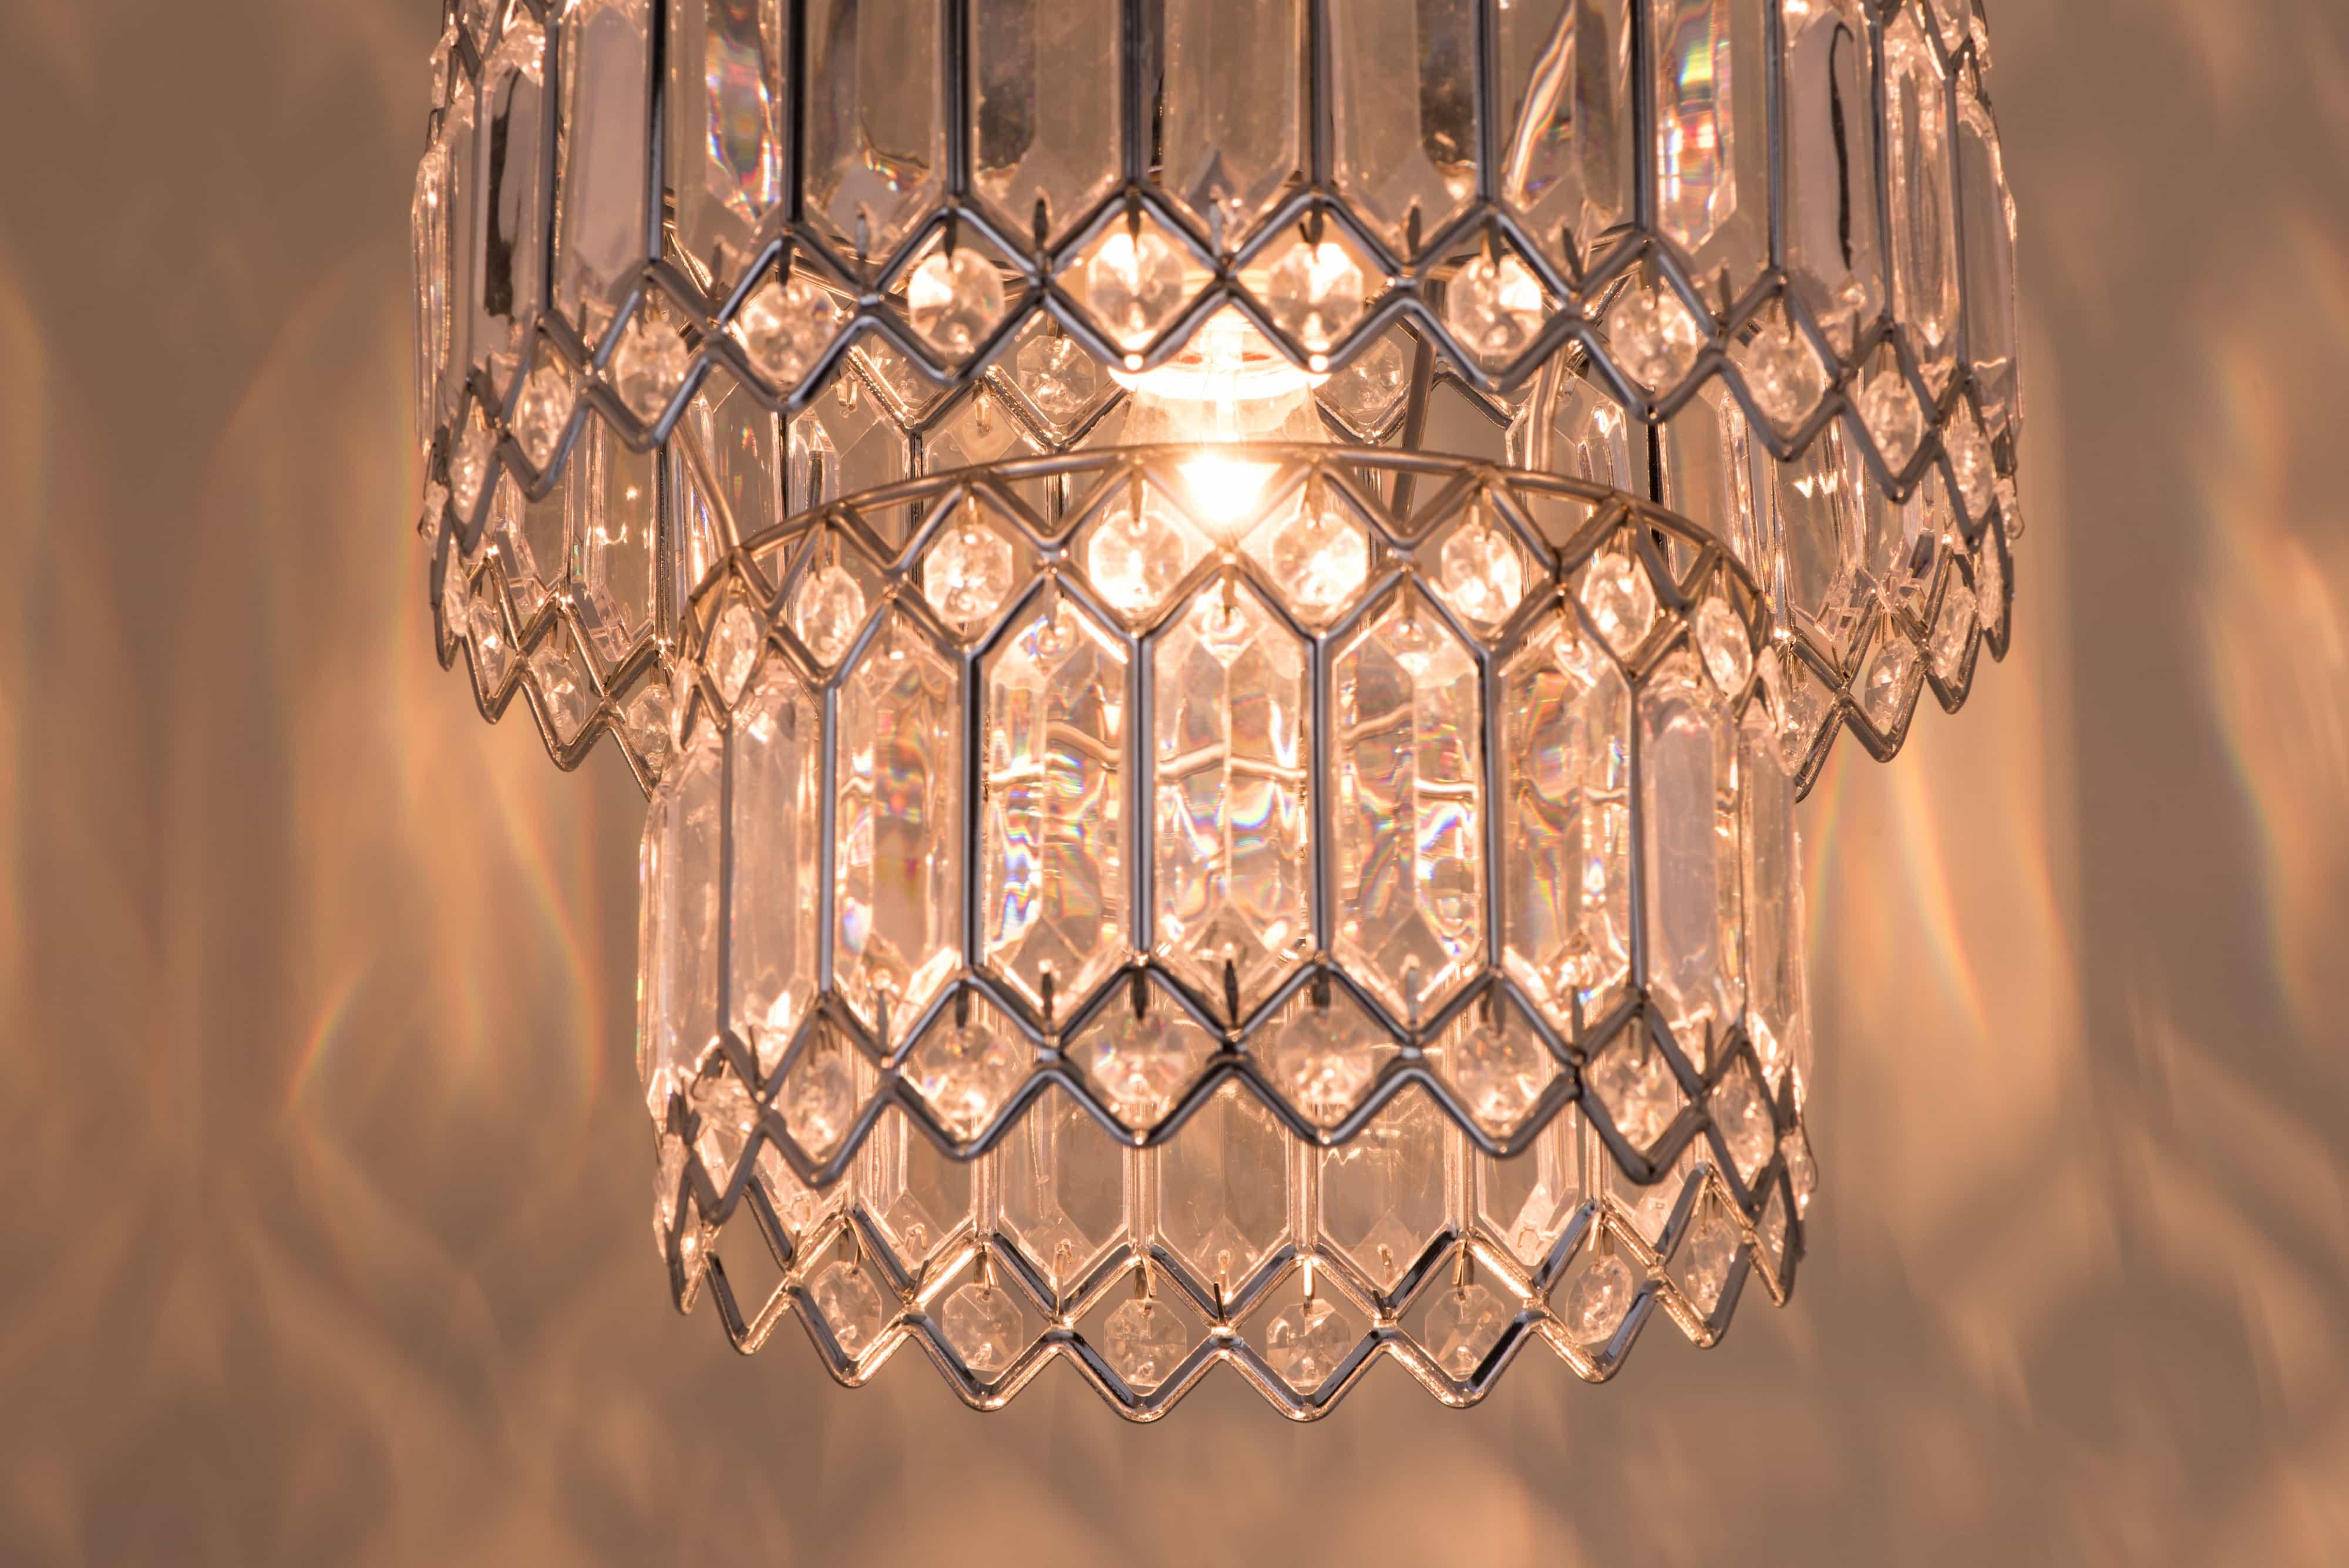 鍍鉻銀鐵花邊透明壓克立吊燈-BNL00056 3